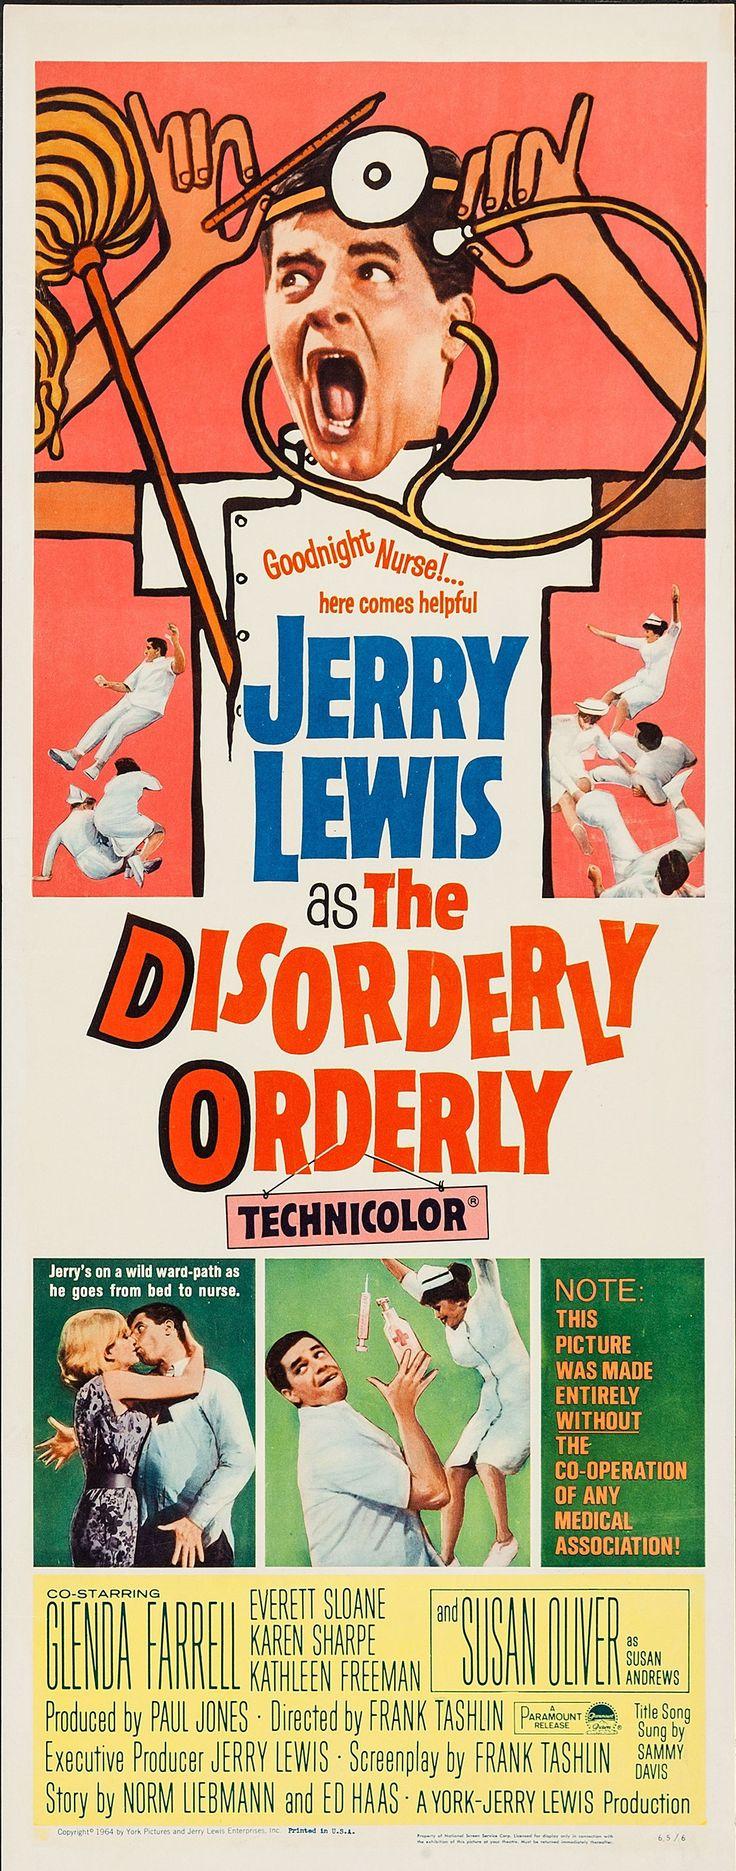 The Disorderly Orderly (1964) Stars: Jerry Lewis, Glenda Farrell, Susan Oliver, Karen Sharpe, Everett Sloane, Director: Frank Tashlin